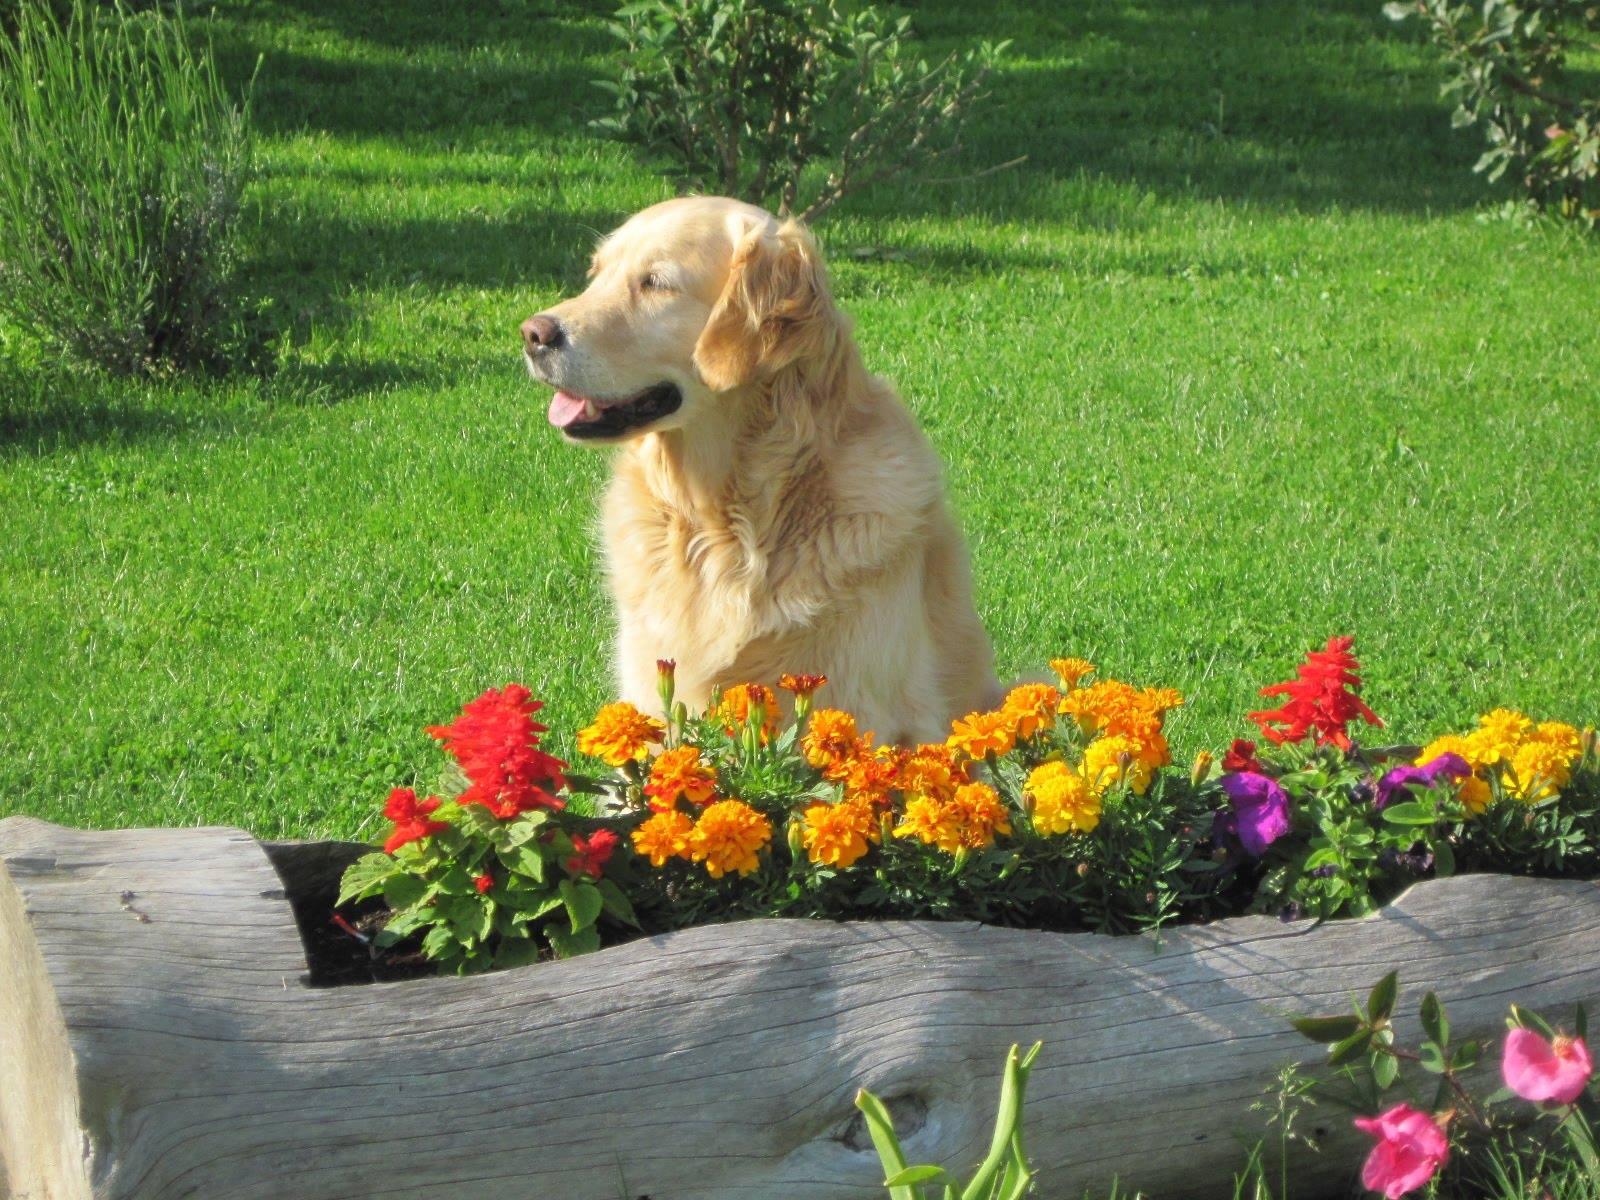 valerio moschetti il cane non un ornamento da giardino